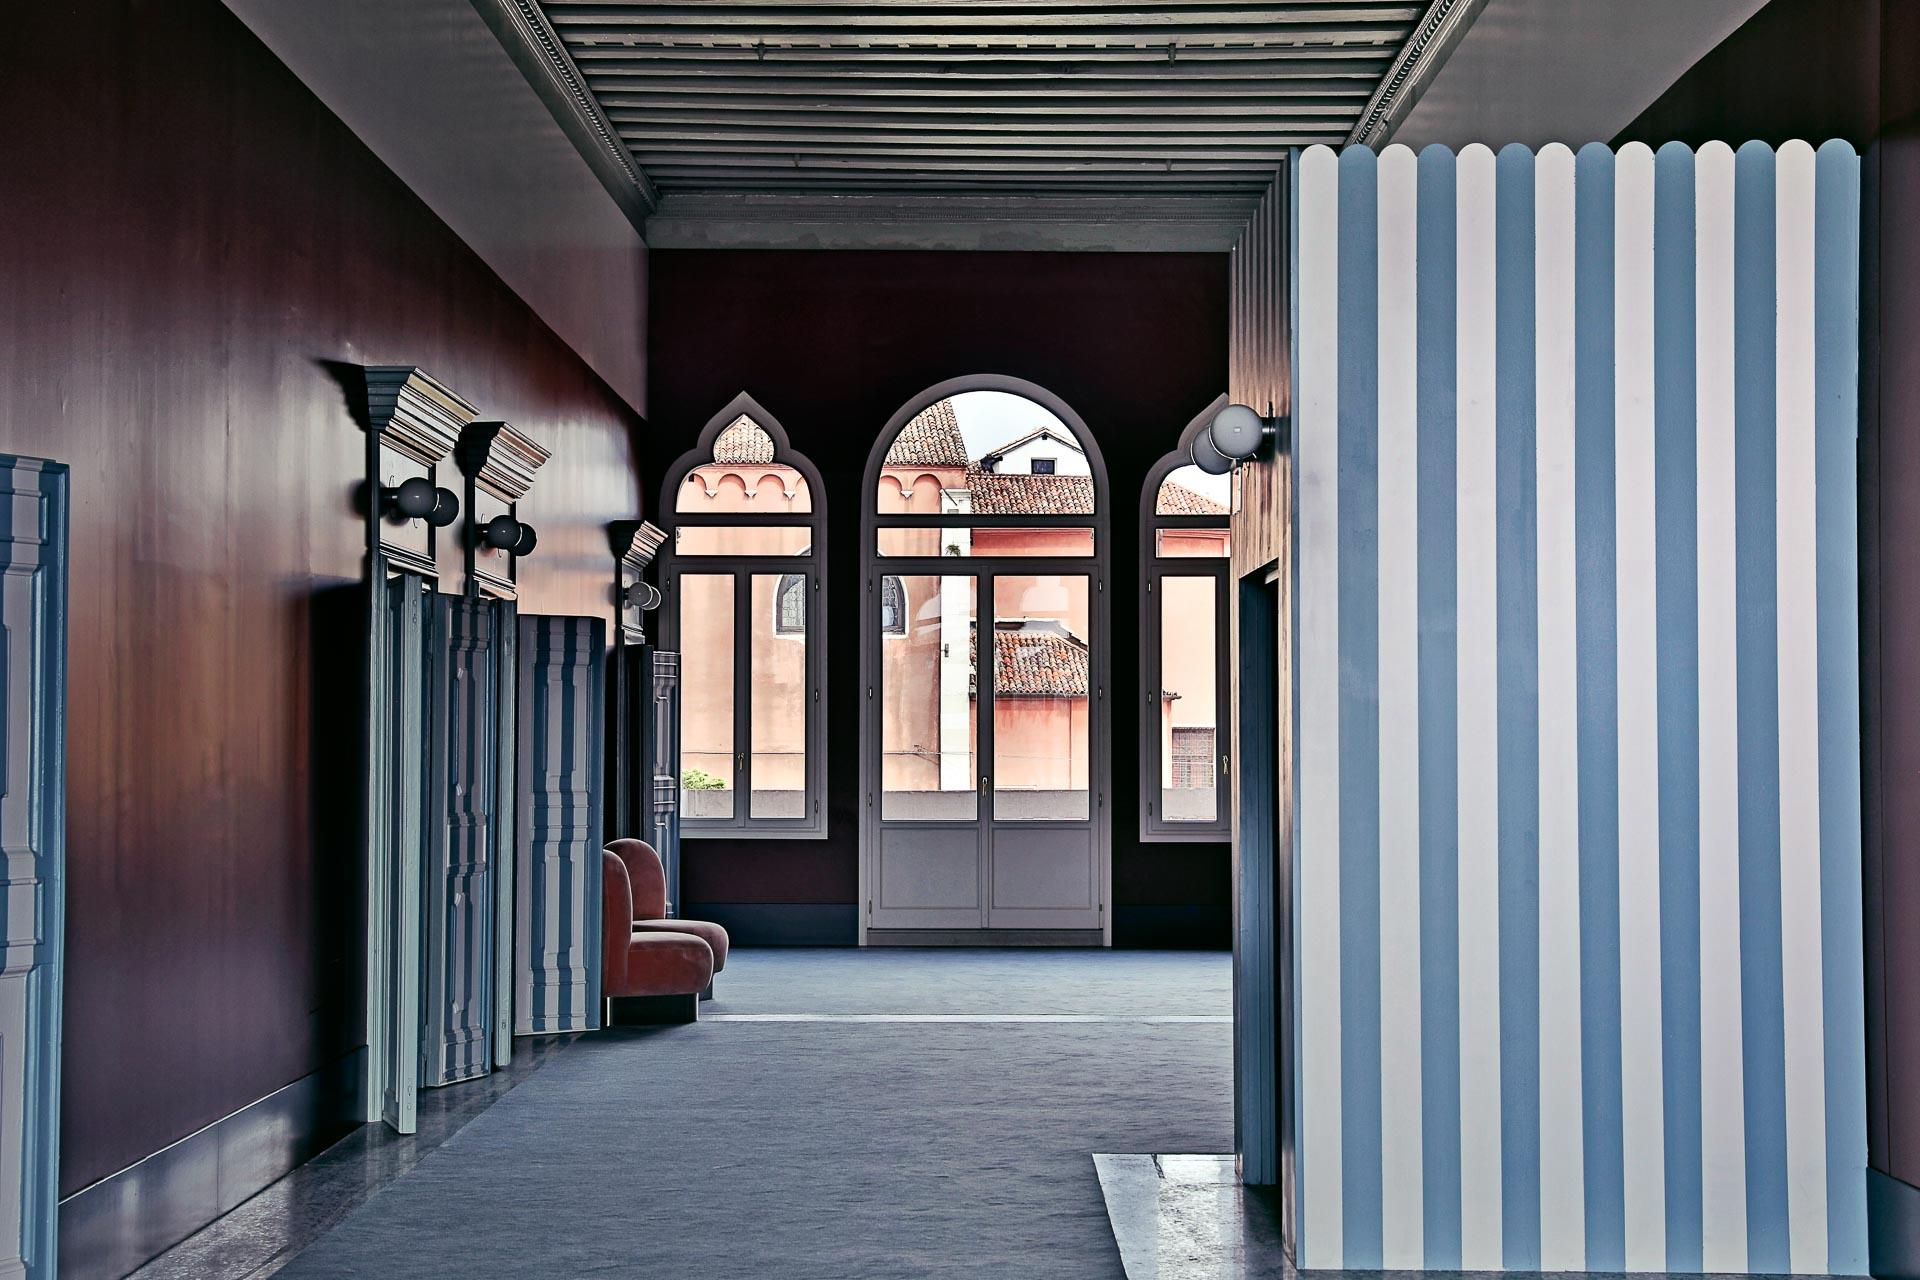 Ouvert cet été, le dernier hôtel de l'Experimental Group bouscule la scène hôtelière de la Sérénissime. On vous dit tout sur LA nouvelle adresse incontournable et branchée de Venise, abritée dans un ancien palais Renaissance et sublimée par Dorothée Meilichzon, la décoratrice attitrée du groupe.